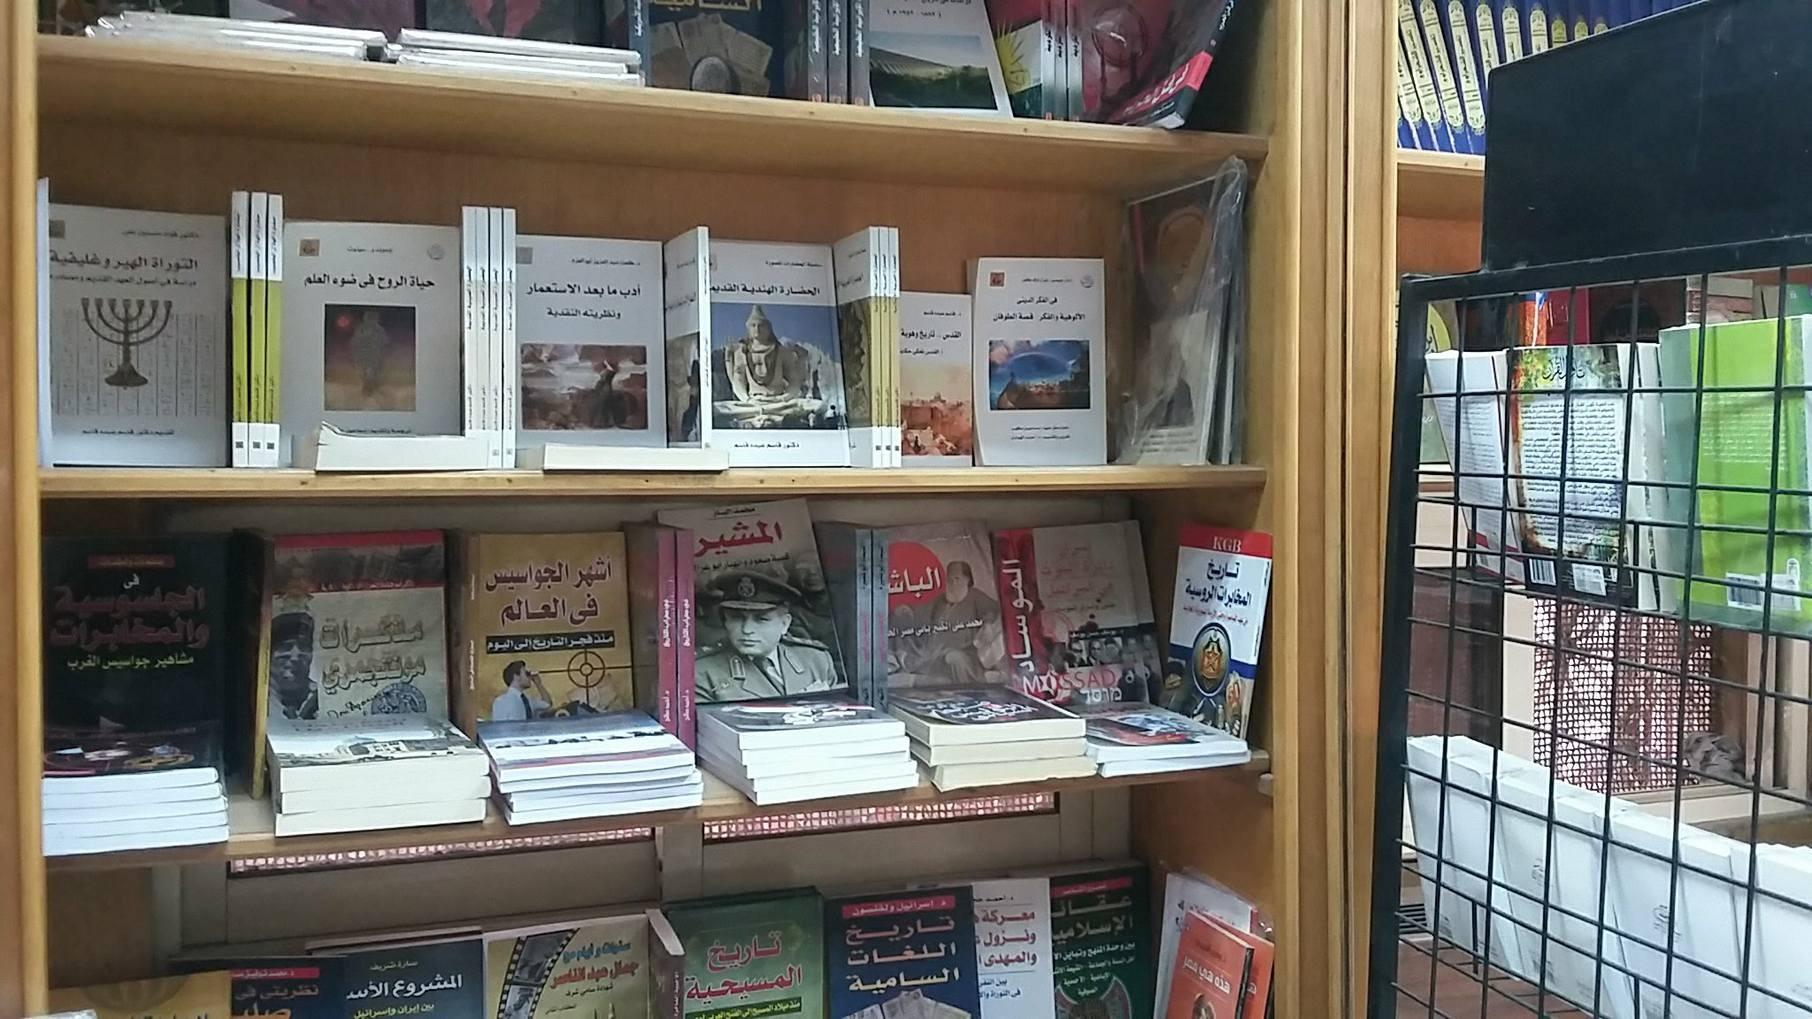 تعرف على أهم المكتبات وإصداراتها في مدينة بنها